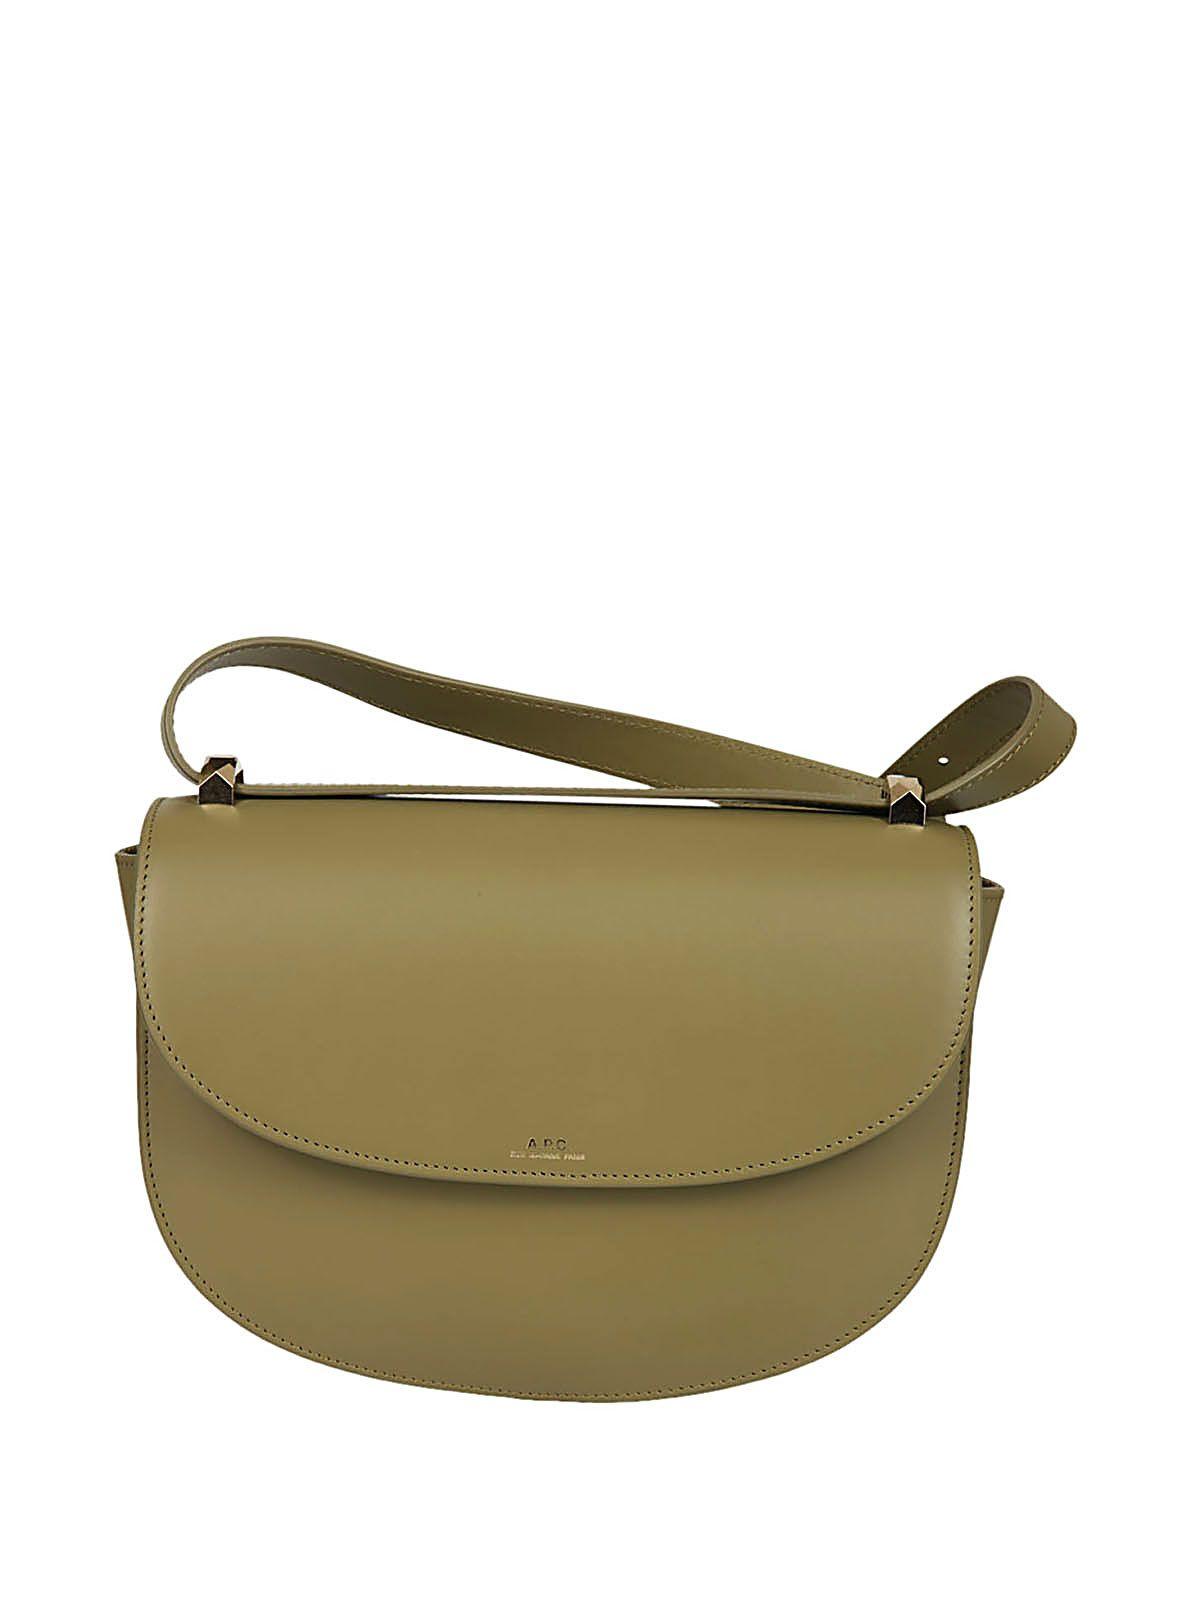 A.p.c. Saddle Shoulder Bag